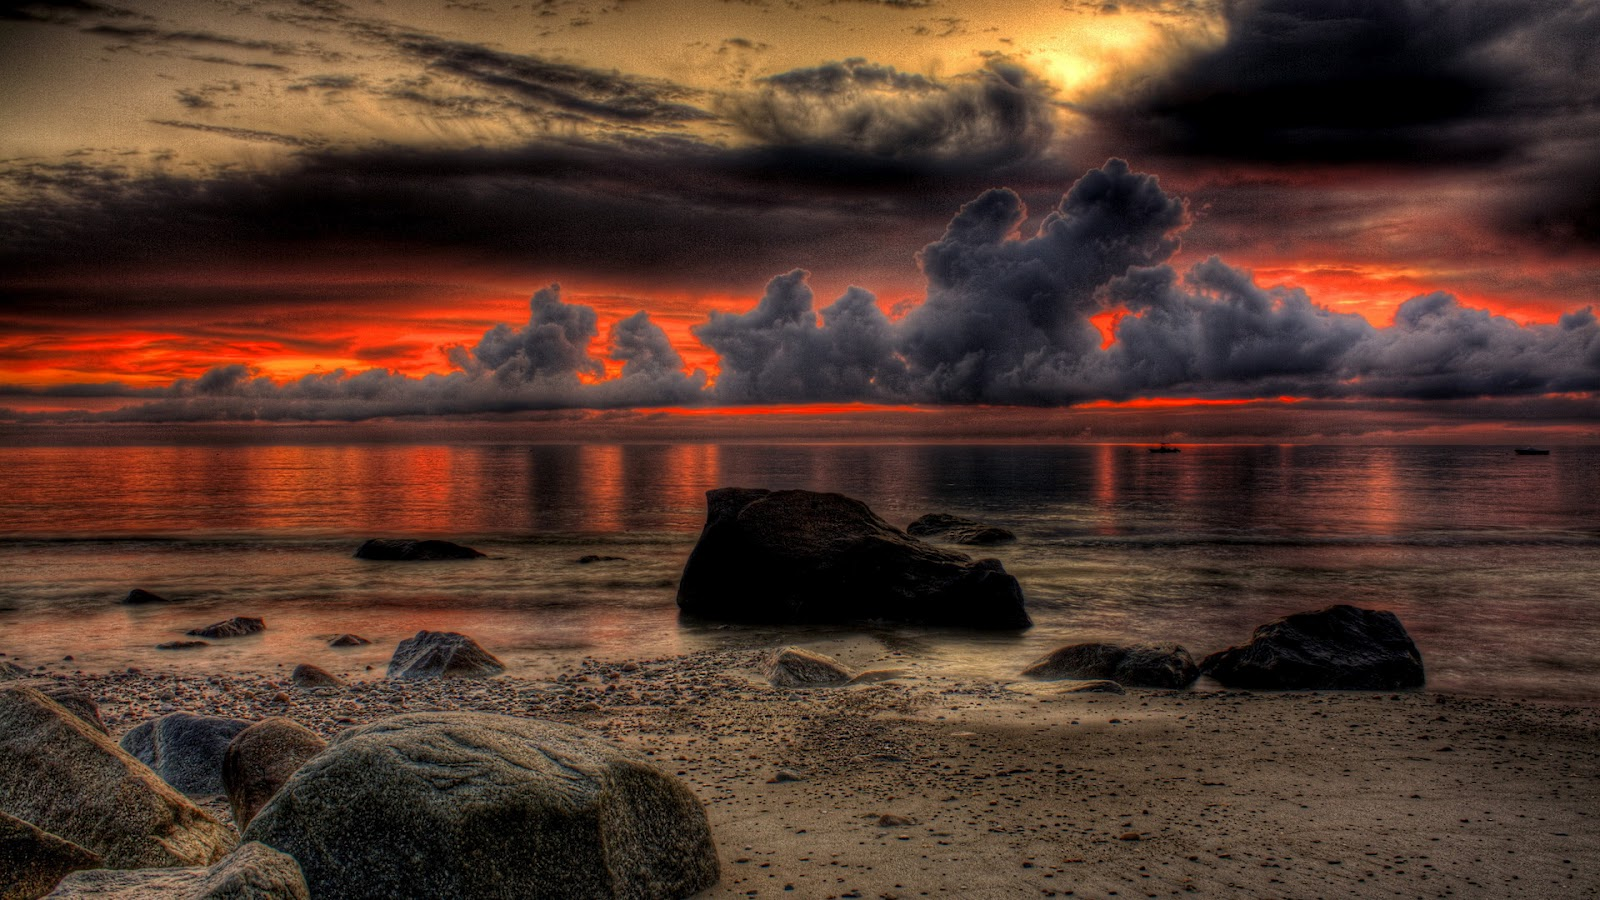 Se va escondiendo el sol Paisajes_Wallpapers-1080p_09